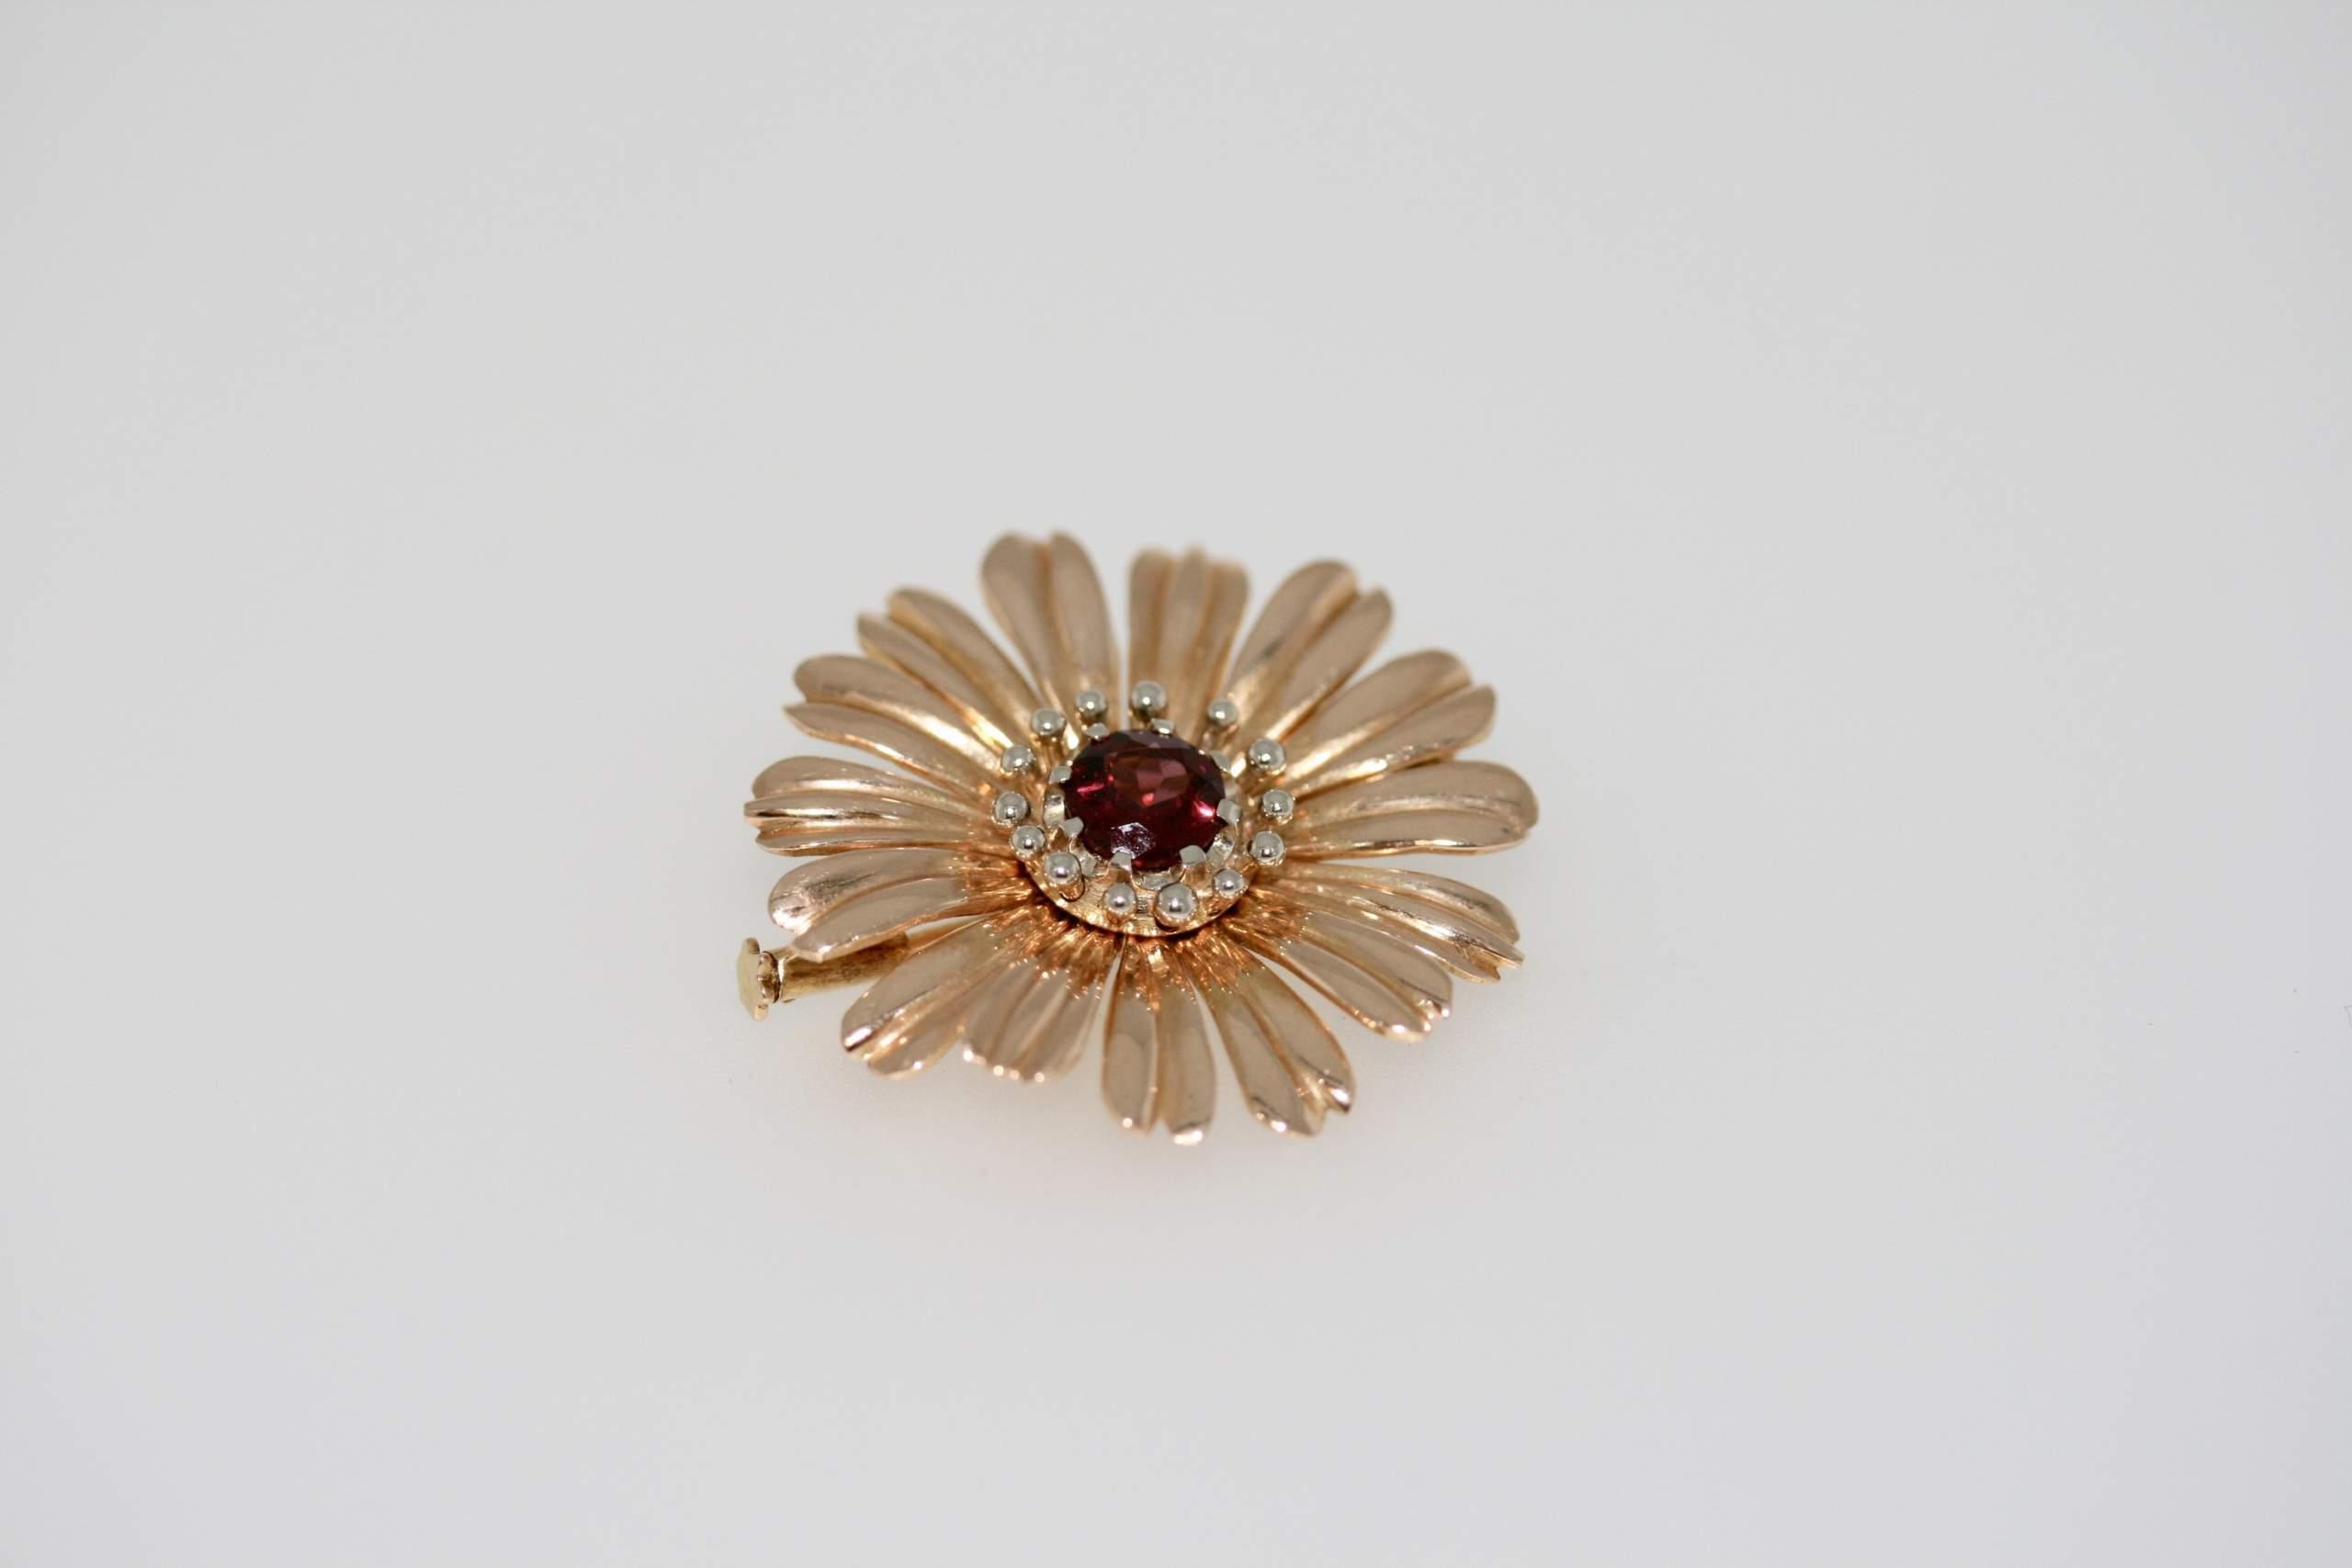 Vintage Rhodolite Garnet Flower Brooch